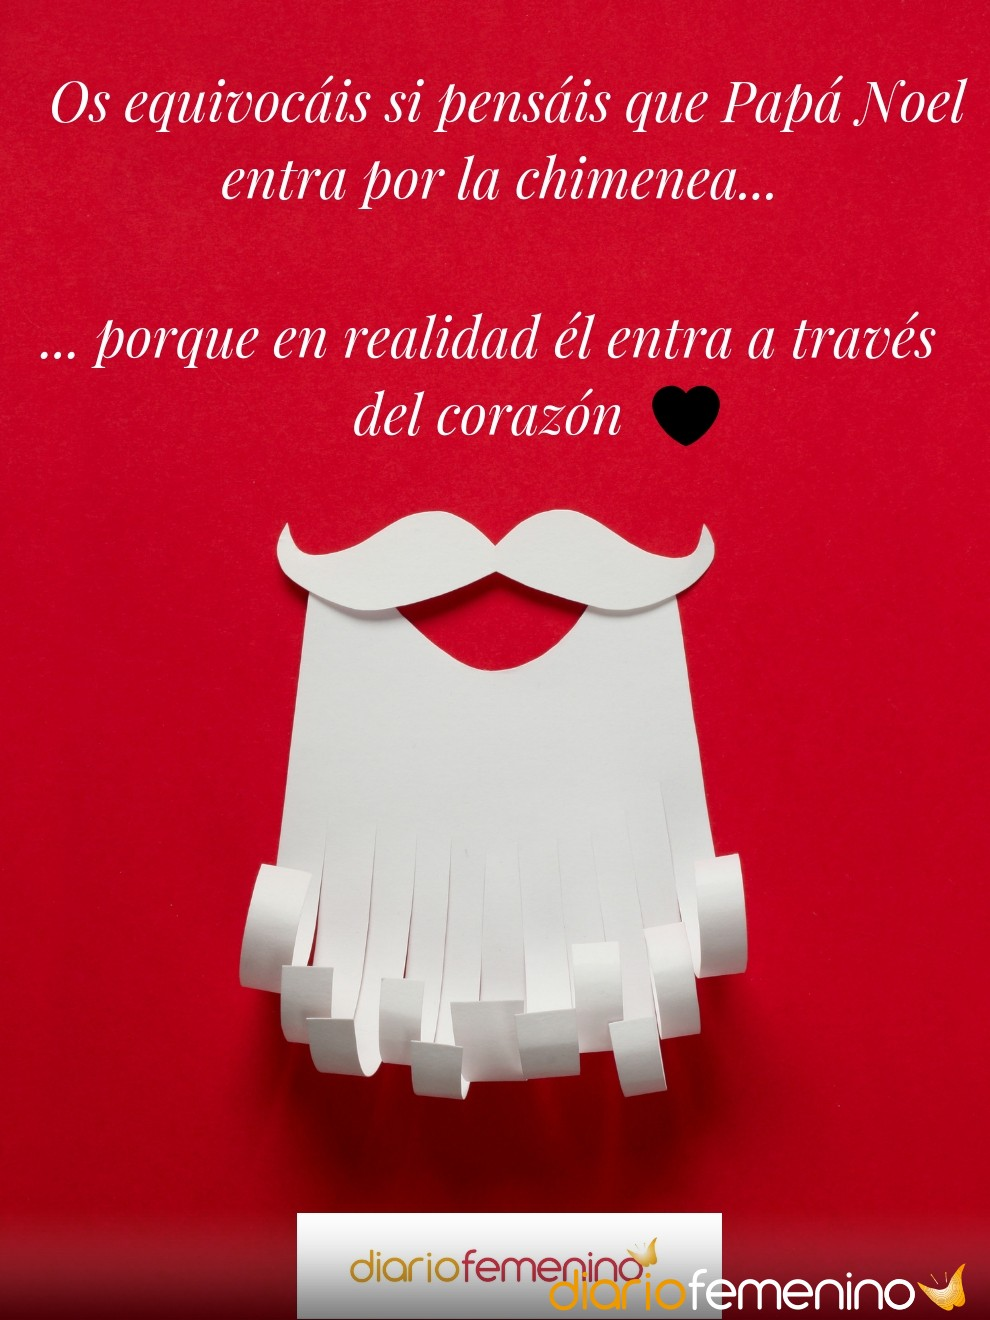 Fotos De Hombres Felicitando La Navidad.Tarjeta De Navidad De Papa Noel Imprimible Para Felicitar